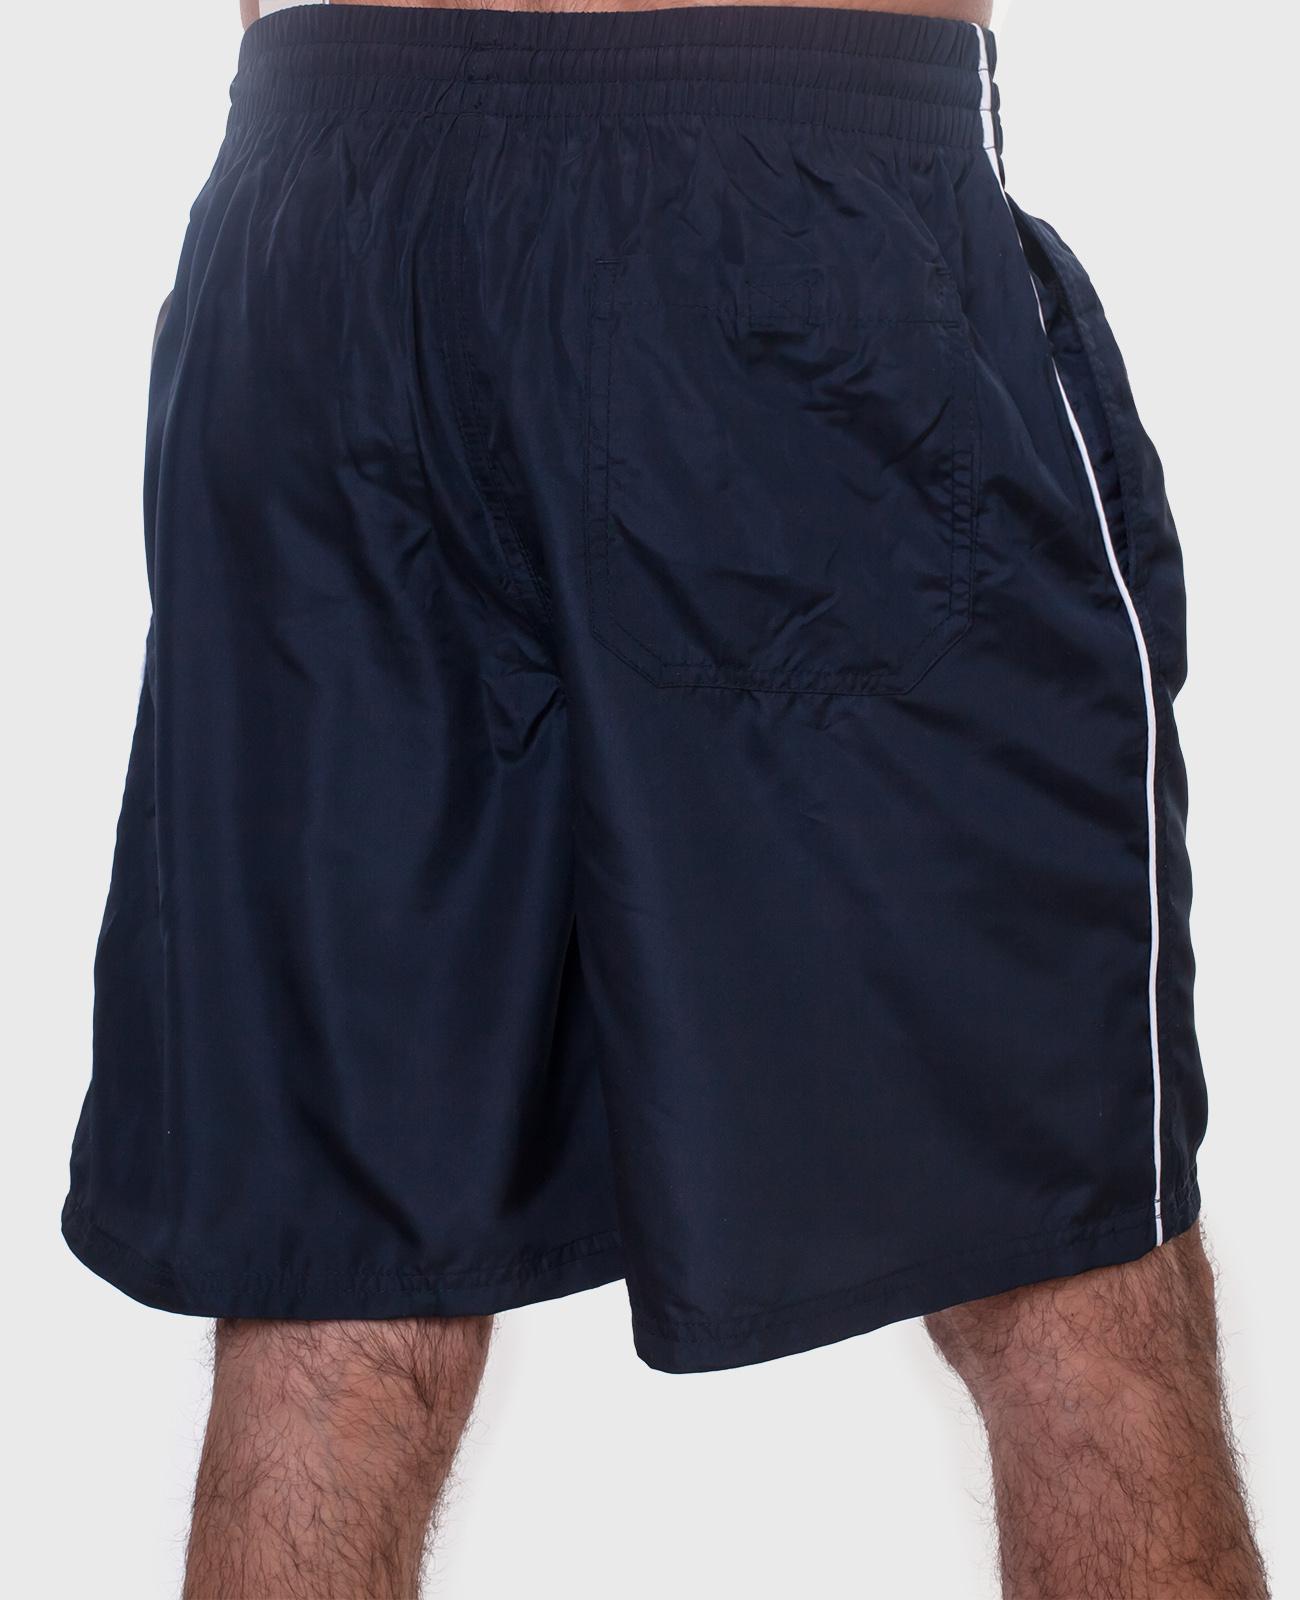 Купить в интернет магазине синие мужские шорты